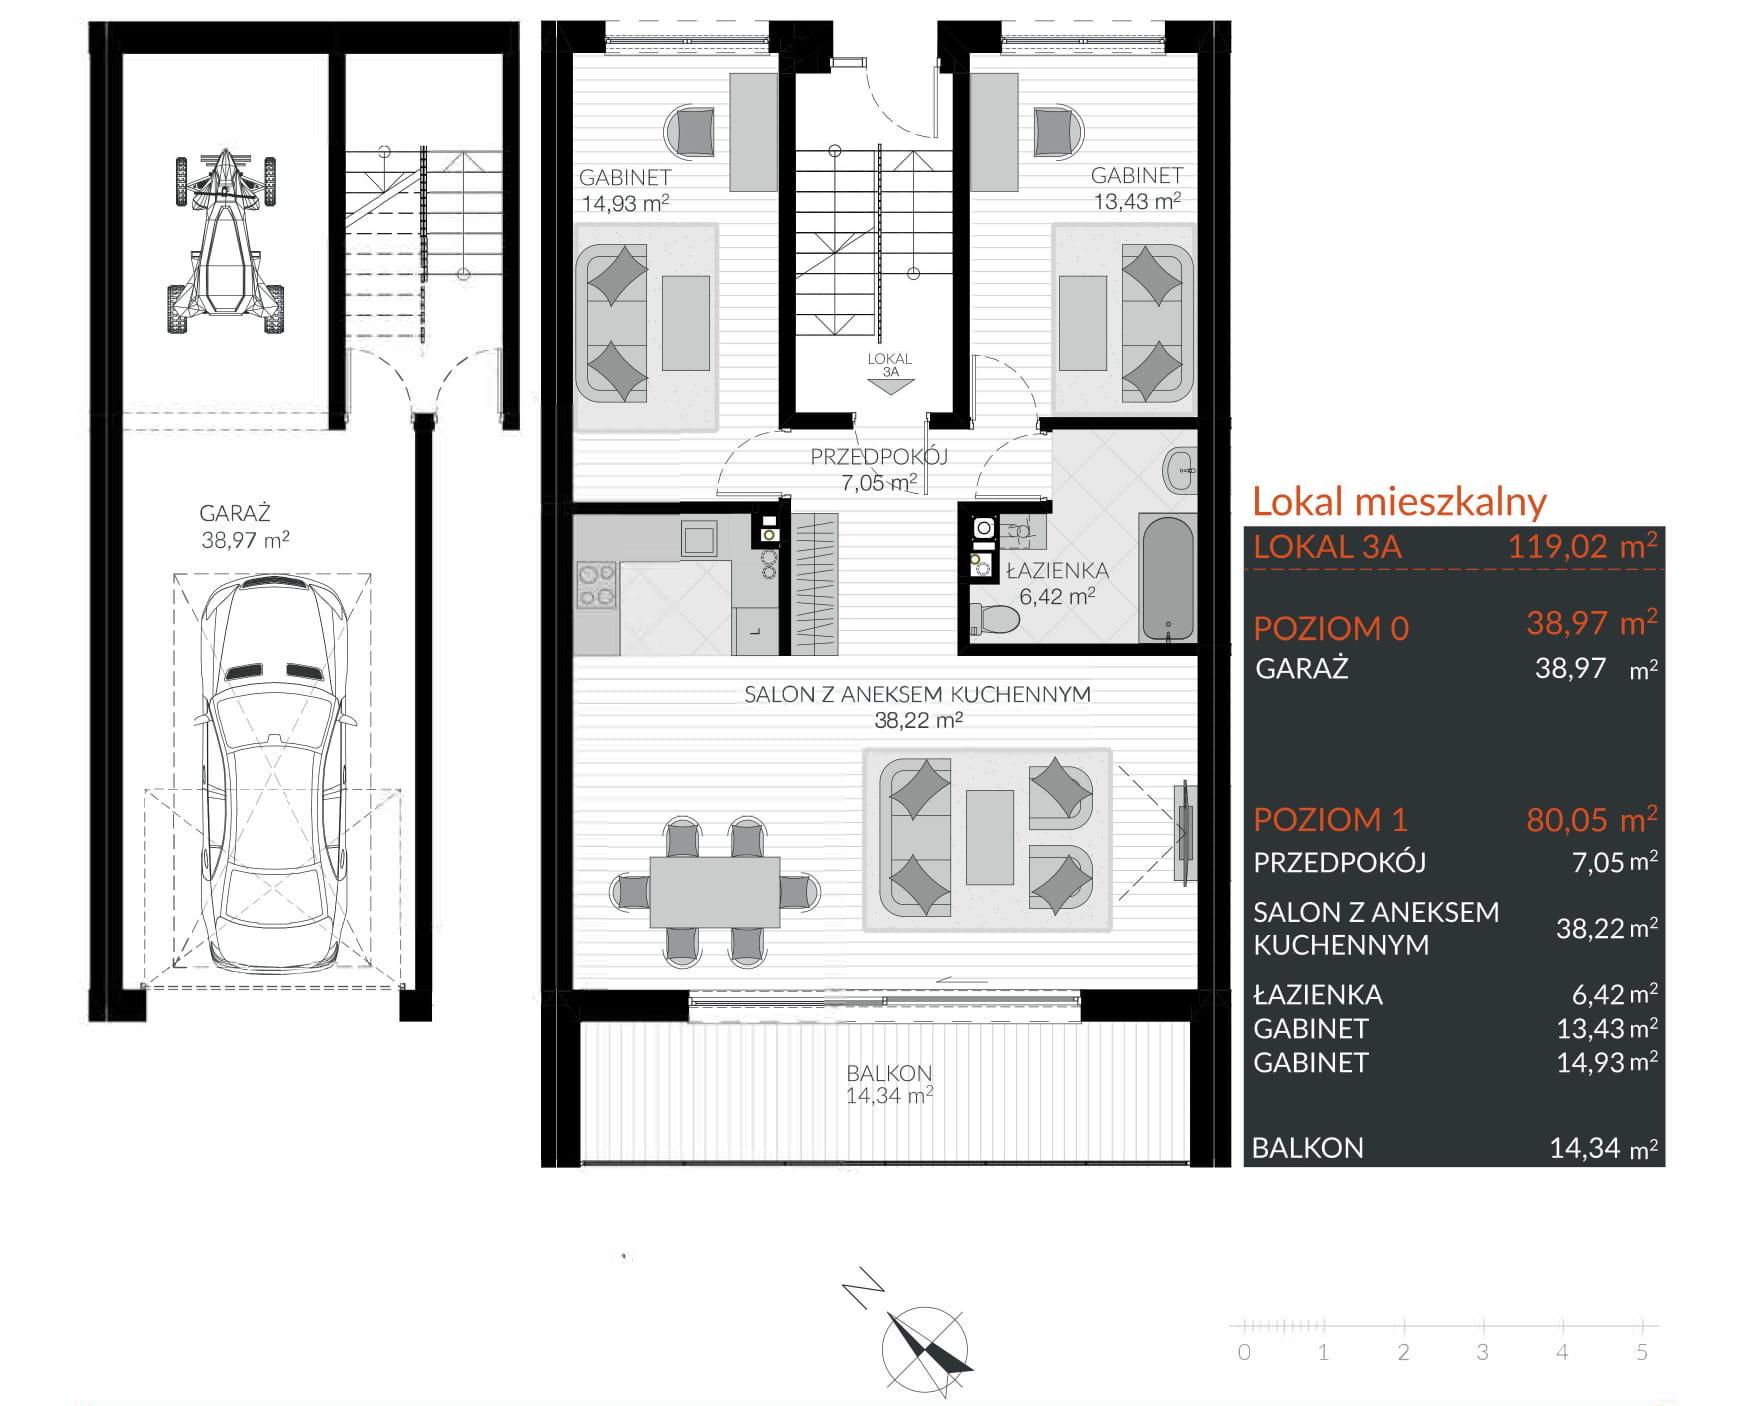 Apartamenty Kamienna / apartamenty inwestycyjne 3A rzut 1